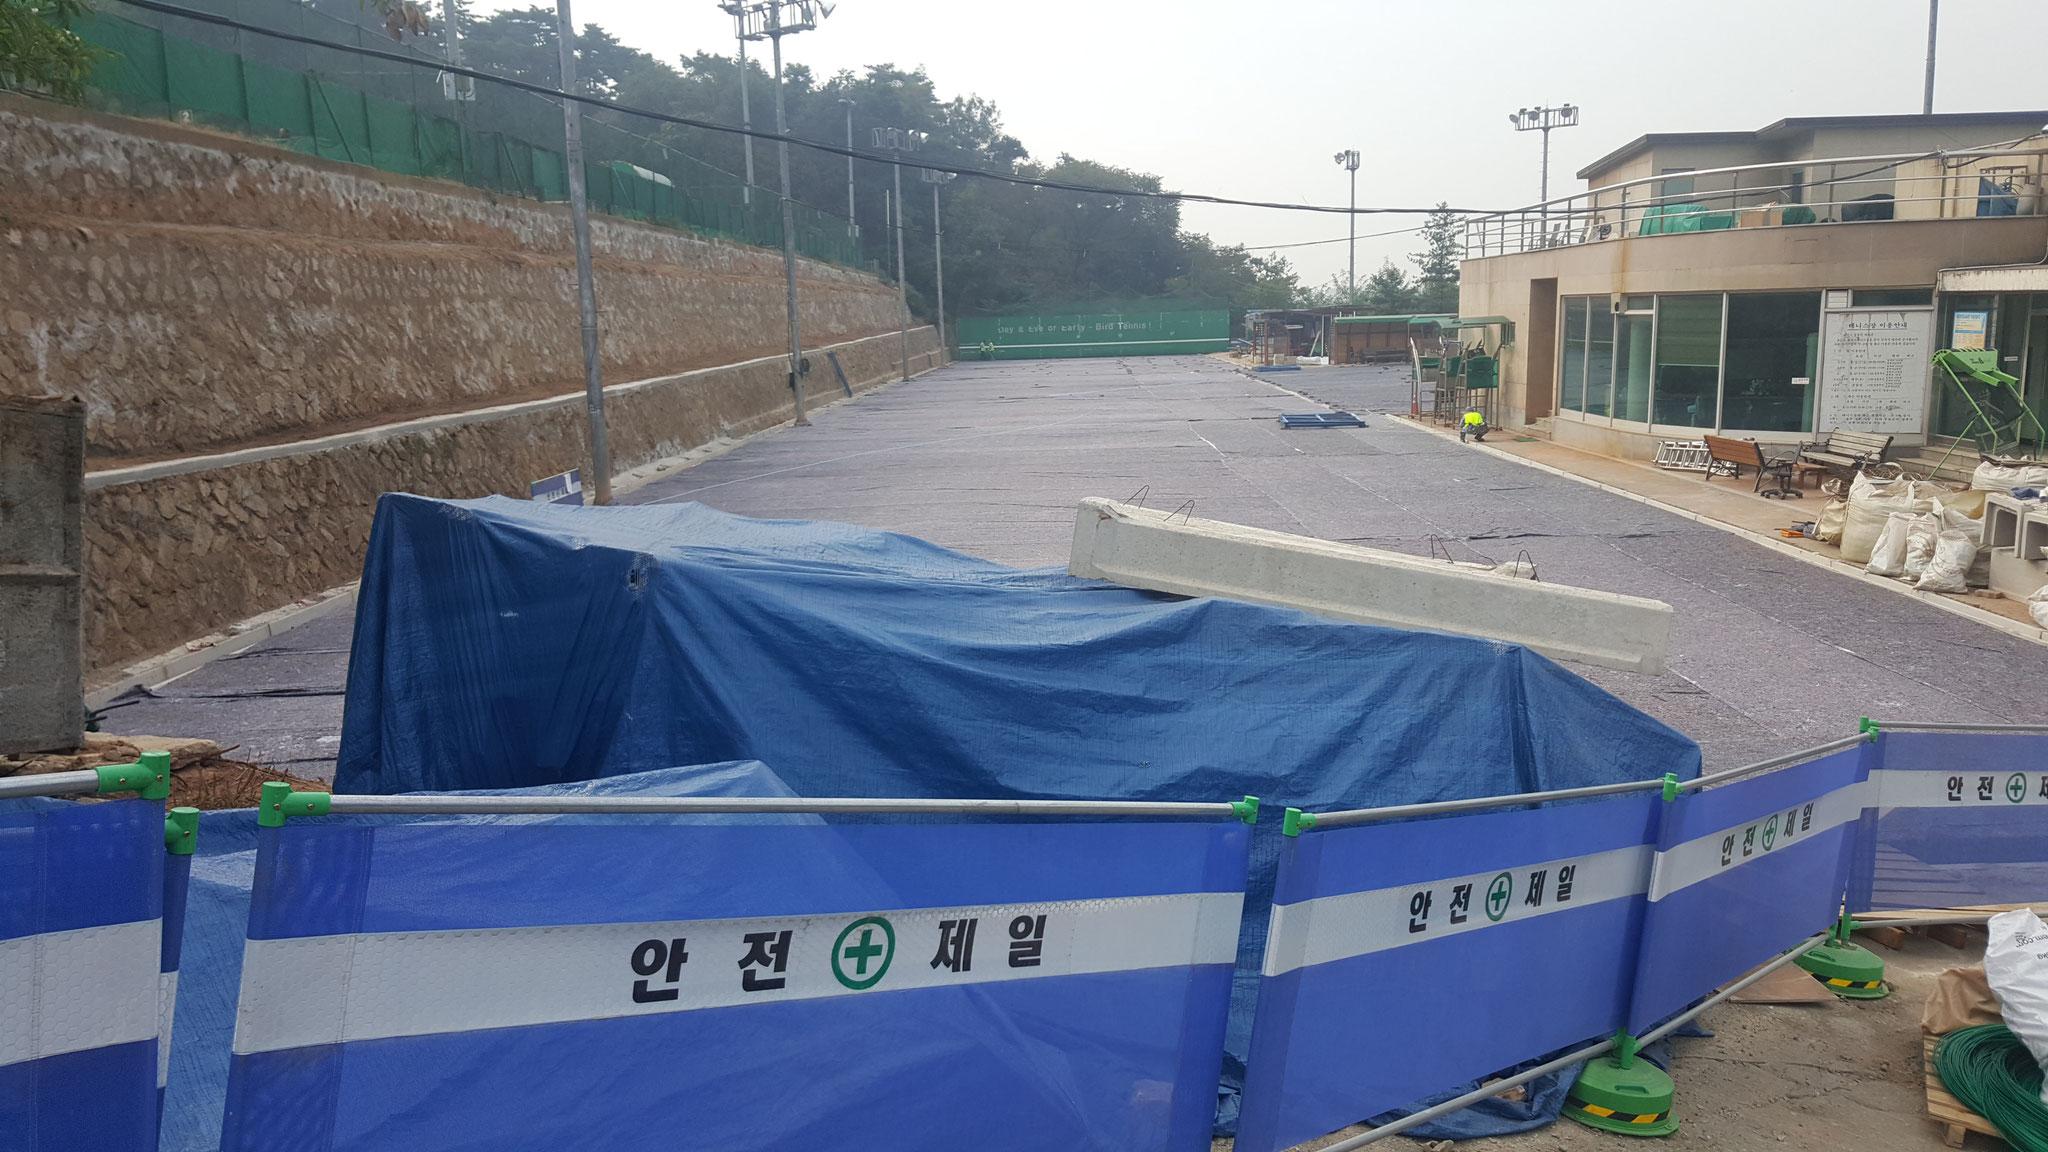 2016年8月中旬からの漢南テニスコート(7~10番コート)のオムニ化工事(9月下旬): 下地のシート敷き